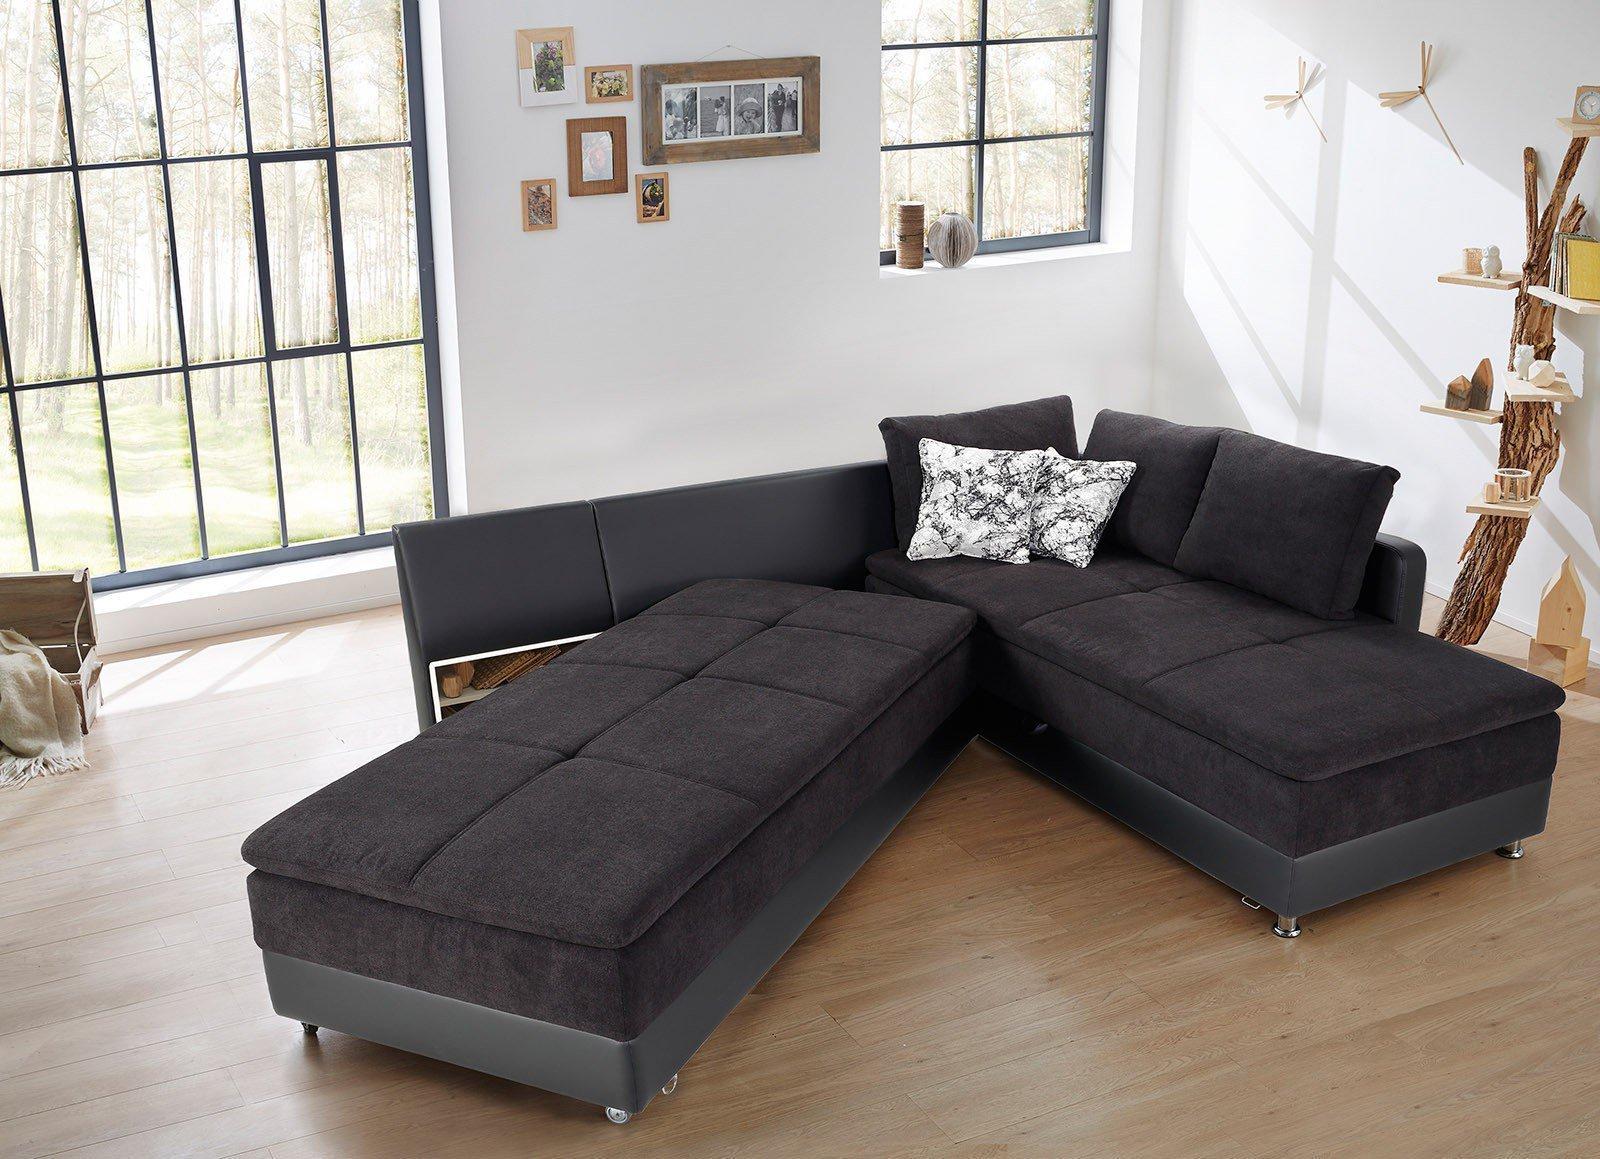 kollektion letz susanne polsterecke schwarz m bel letz. Black Bedroom Furniture Sets. Home Design Ideas